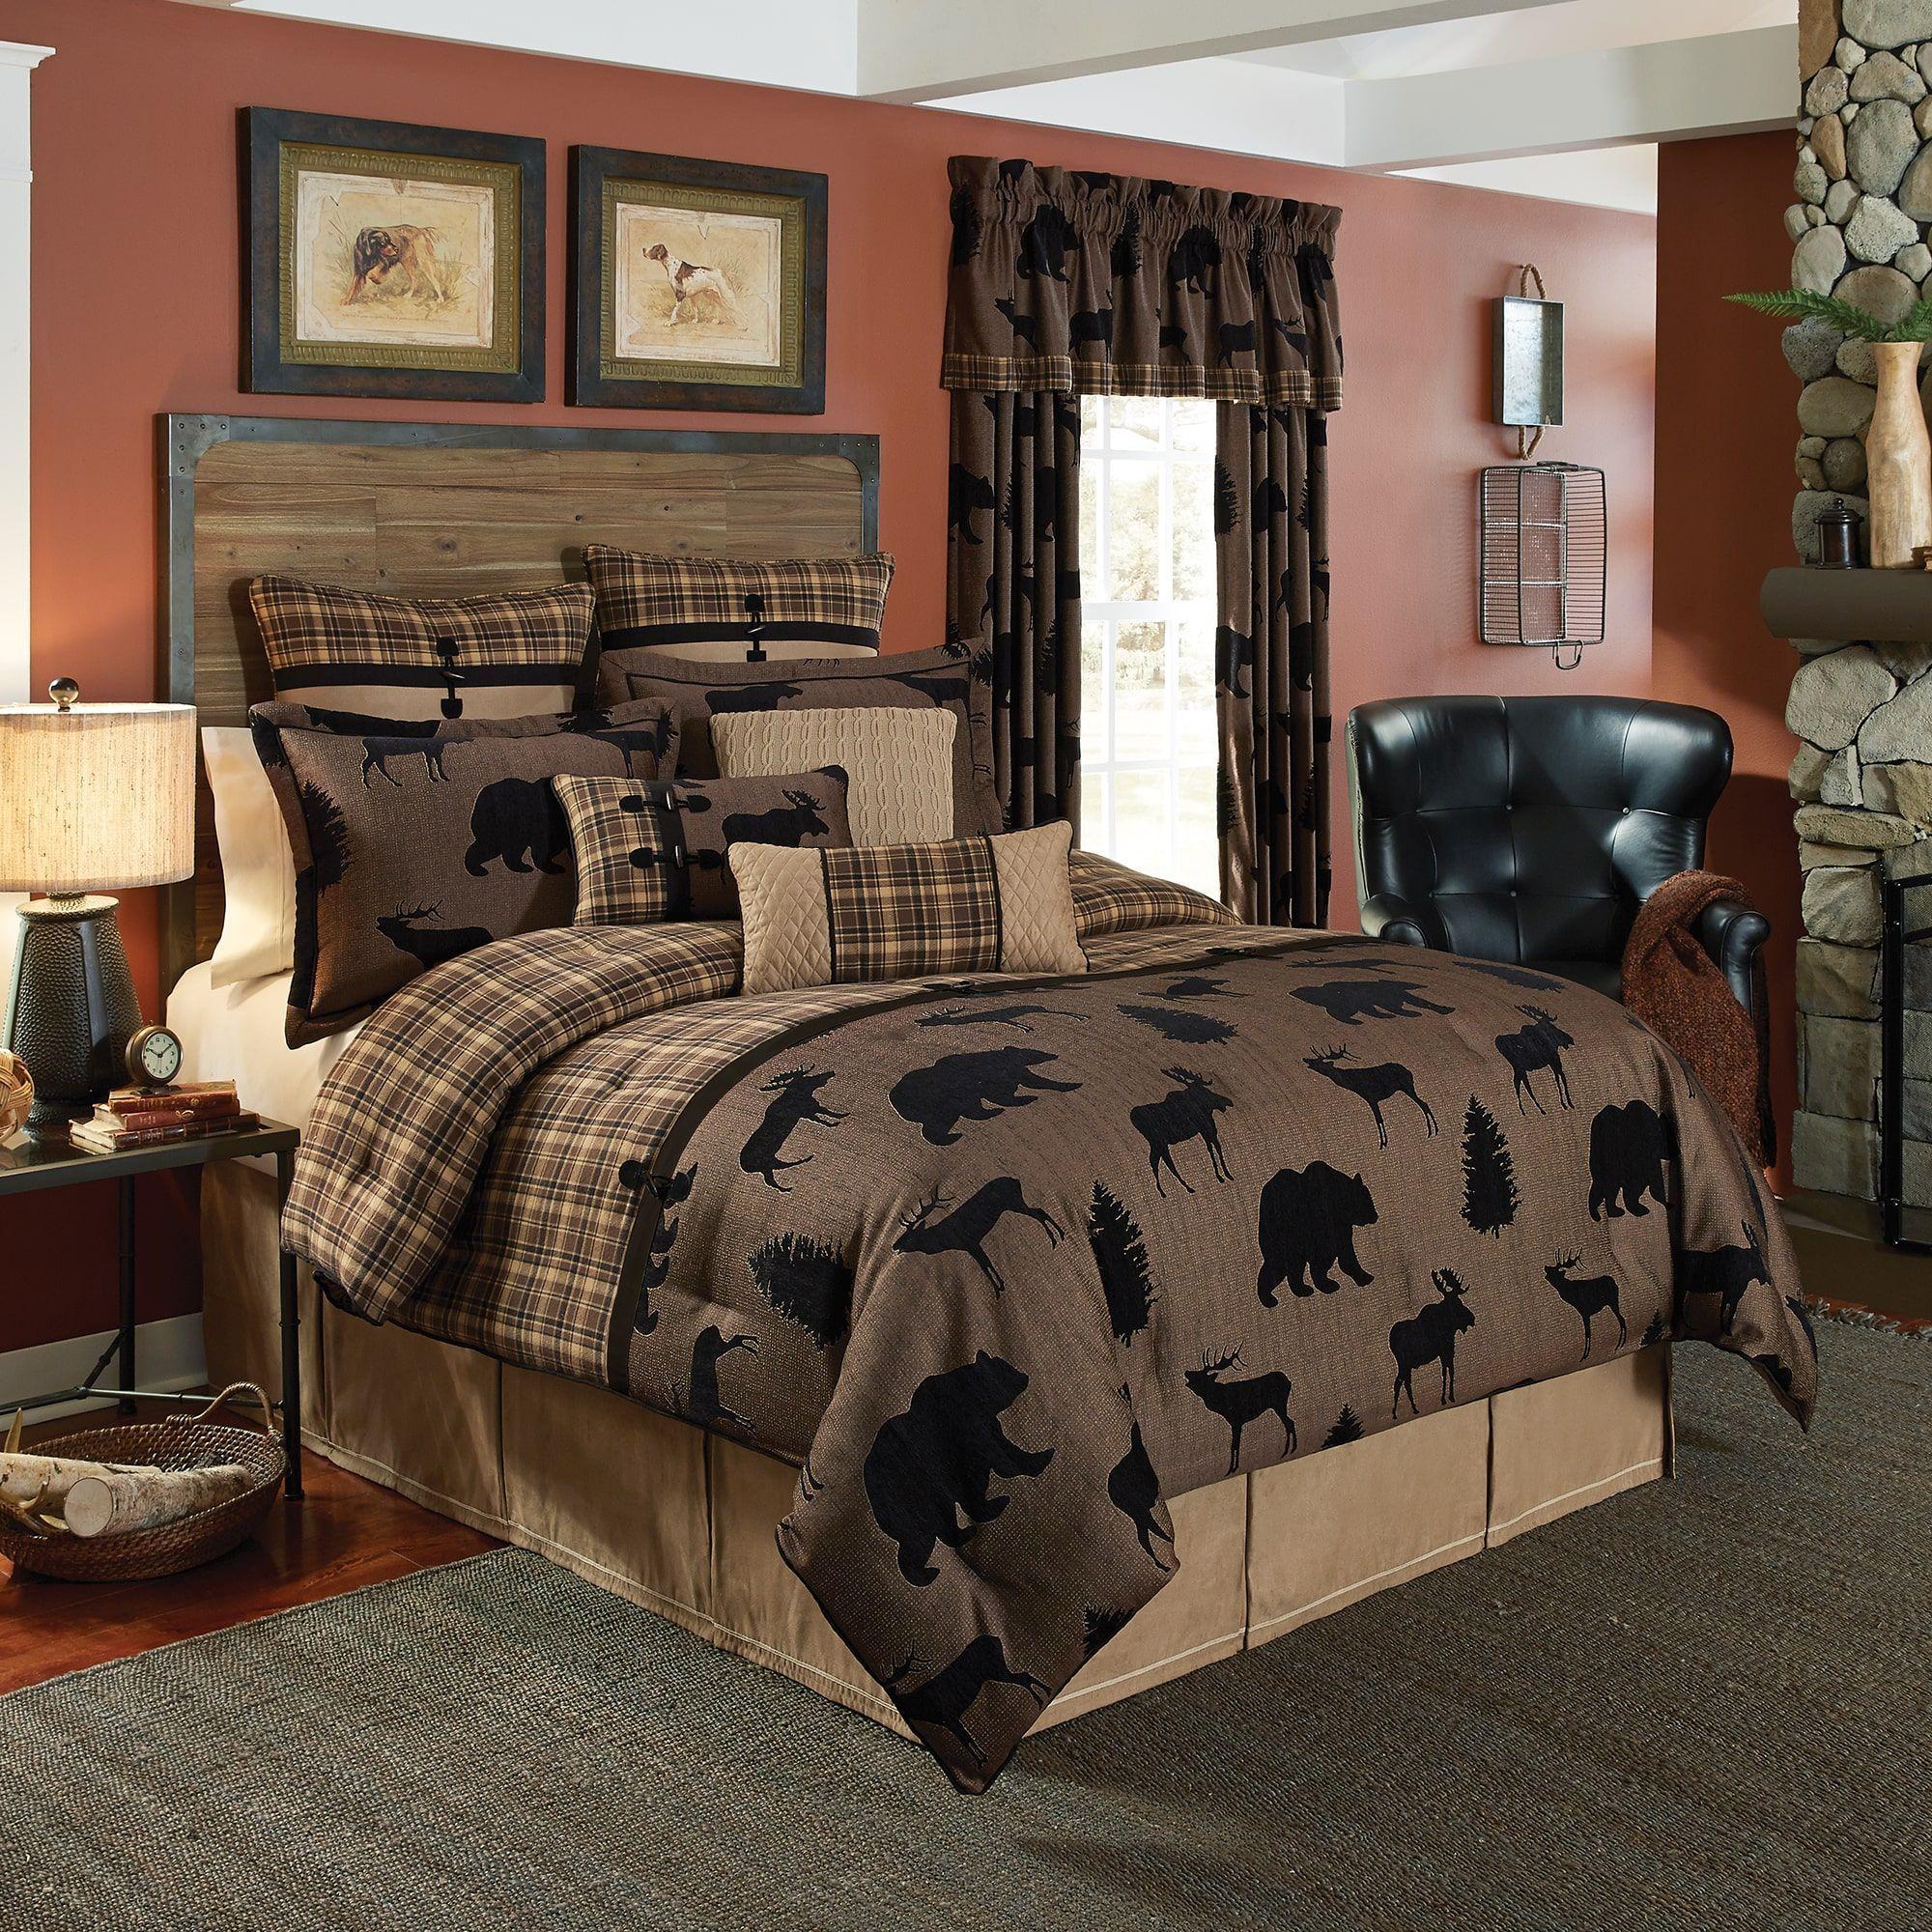 Croscill Summit Chenille Jacquard Woven Lodge 4 Piece Comforter